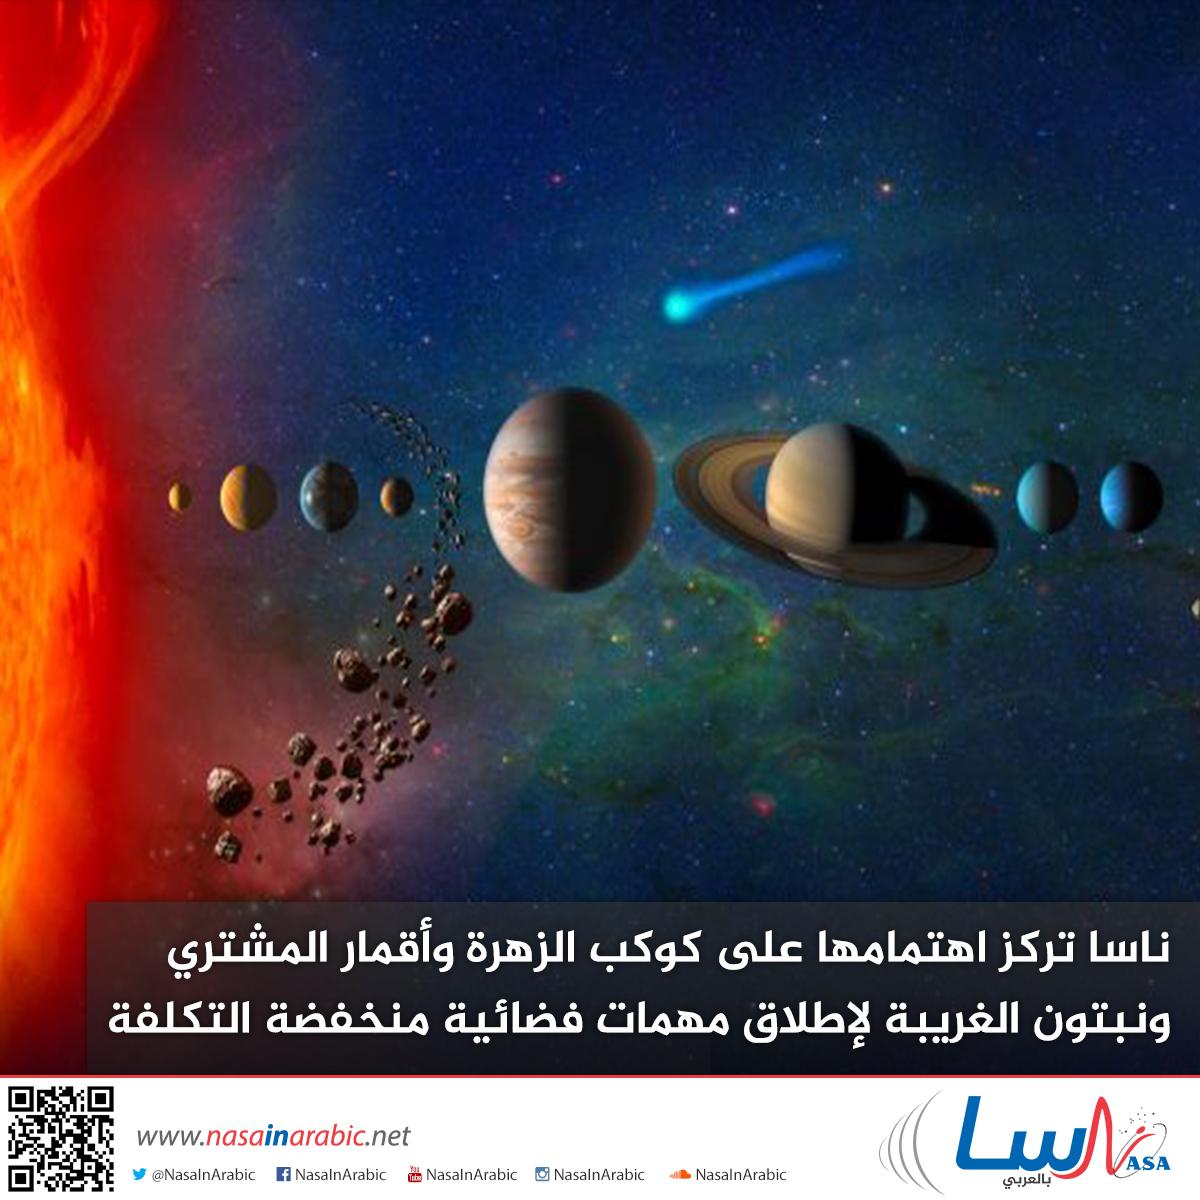 ناسا تركز اهتمامها على كوكب الزهرة وأقمار المشتري ونبتون الغريبة لإطلاق مهمات فضائية منخفضة التكلفة